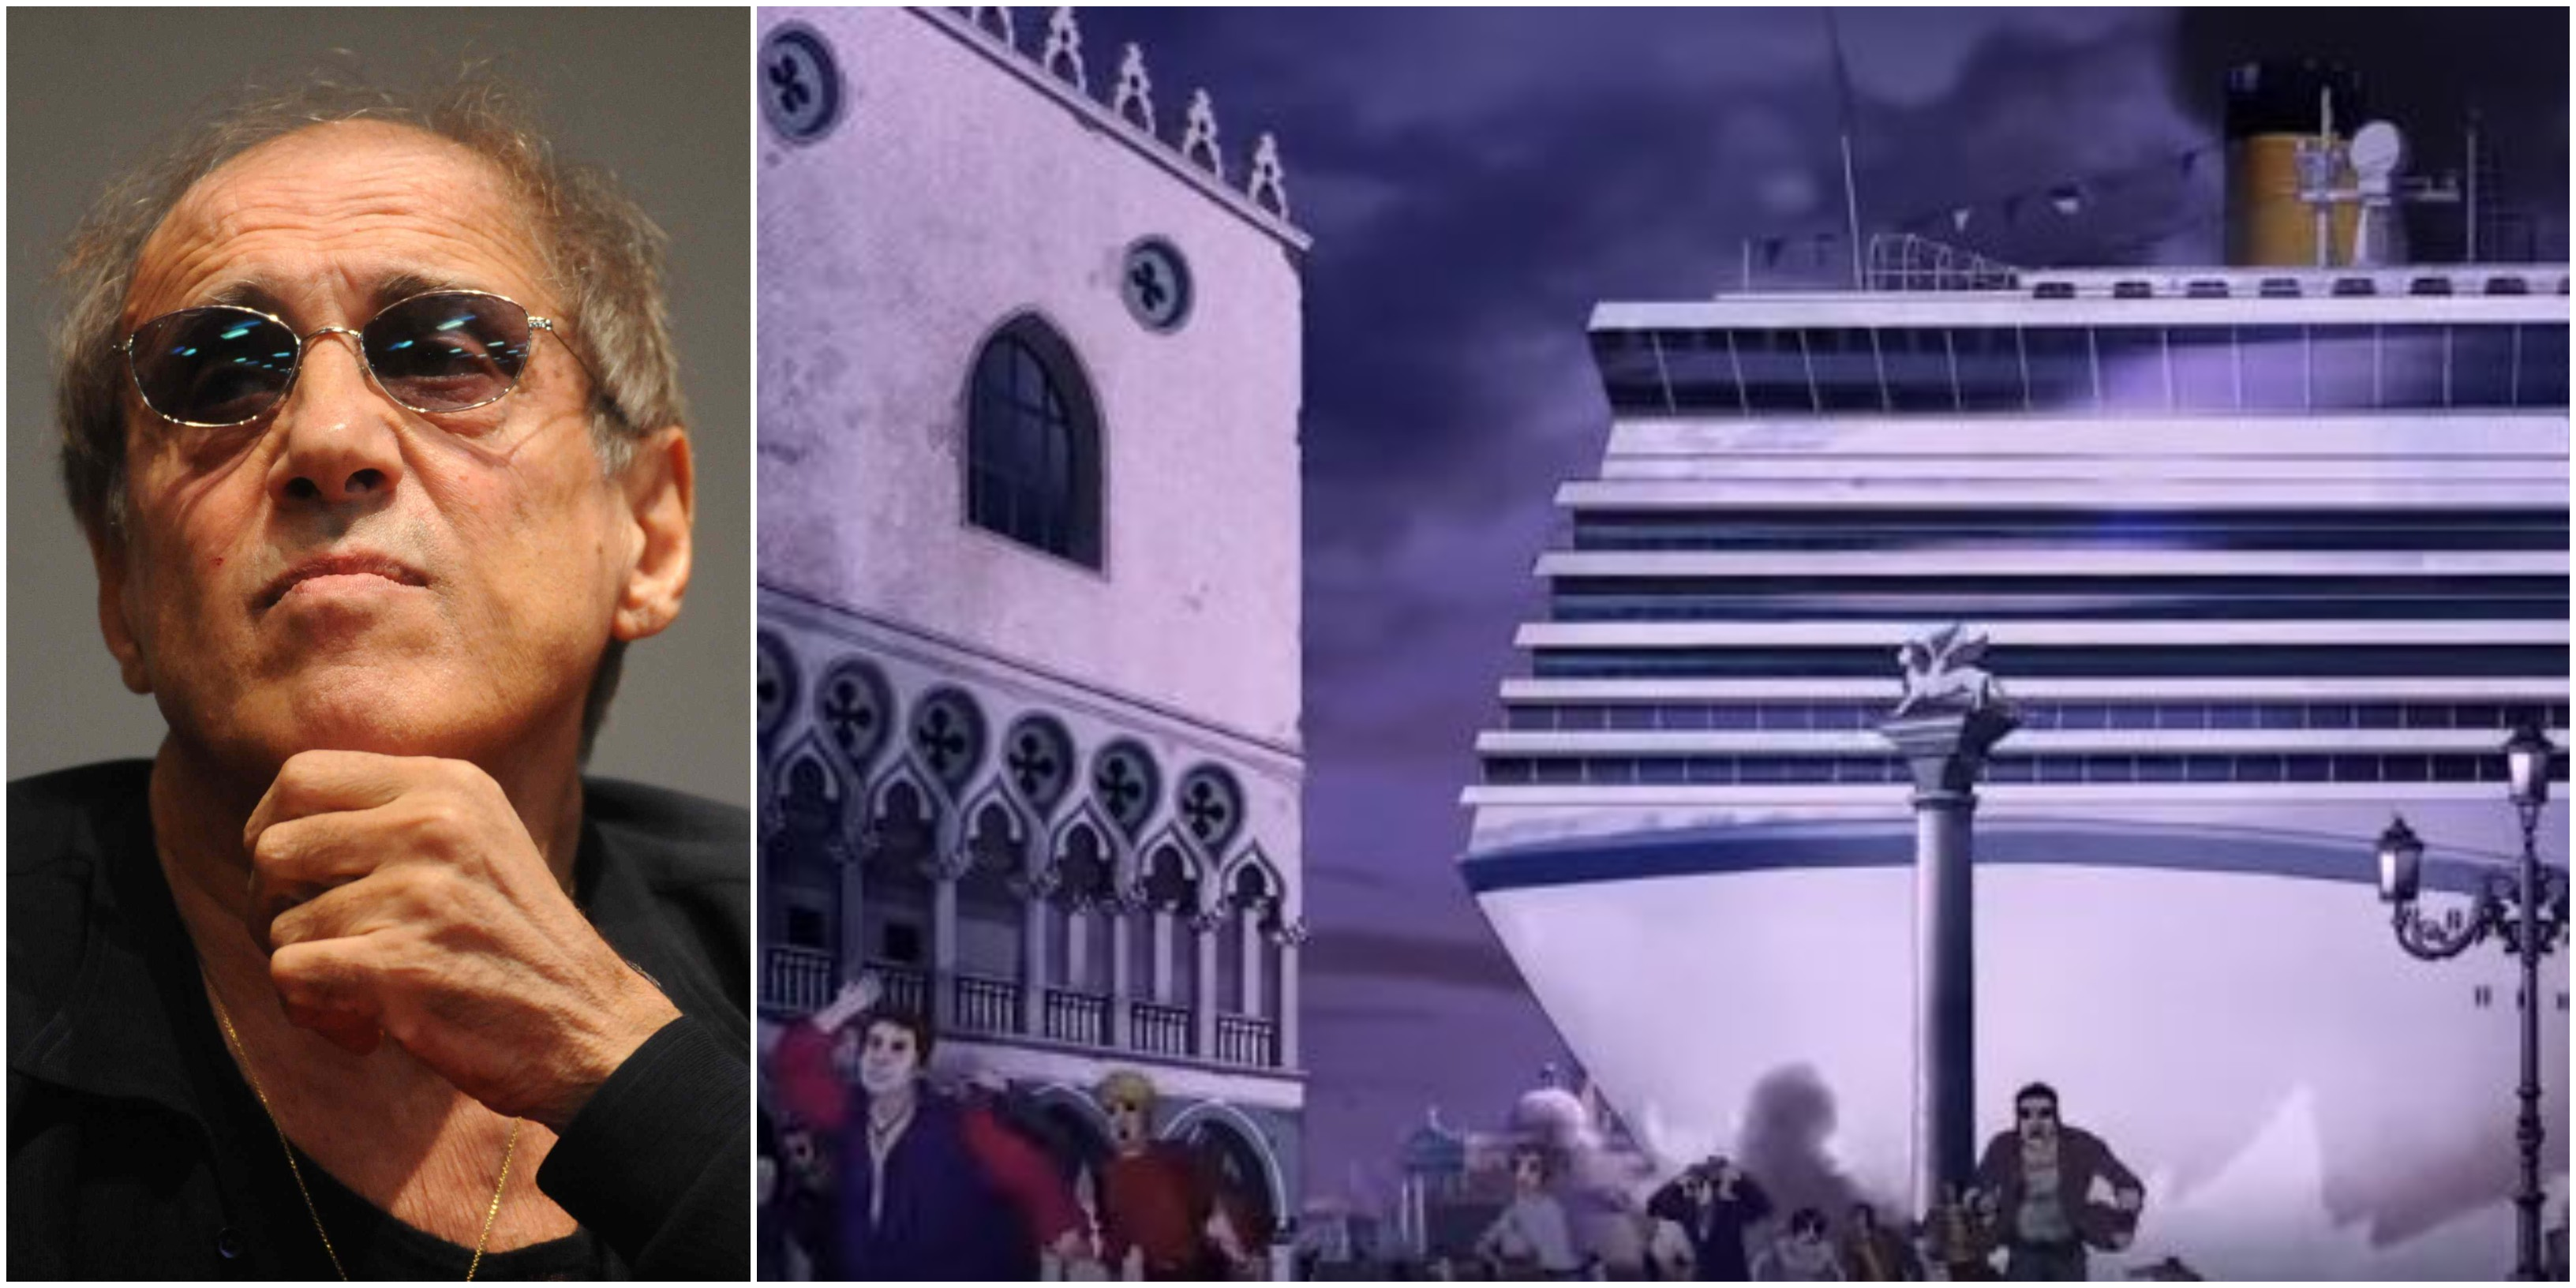 Adrian 'profetico': l'incidente della nave a Venezia già previsto da Celentano?